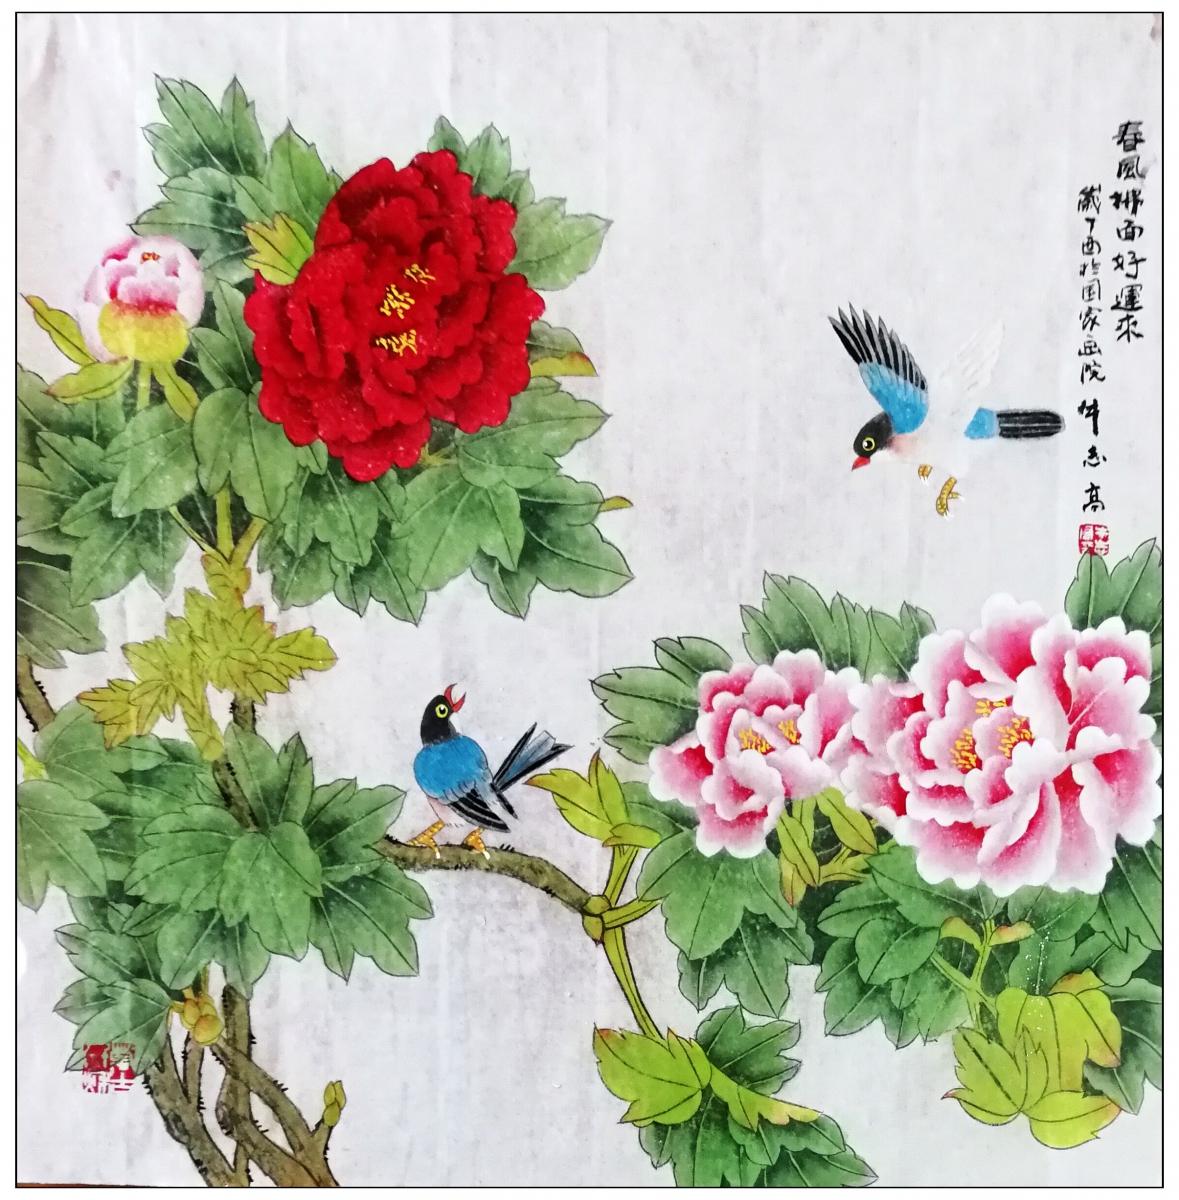 牛志高 花鸟画----------2017。6.19_图1-1